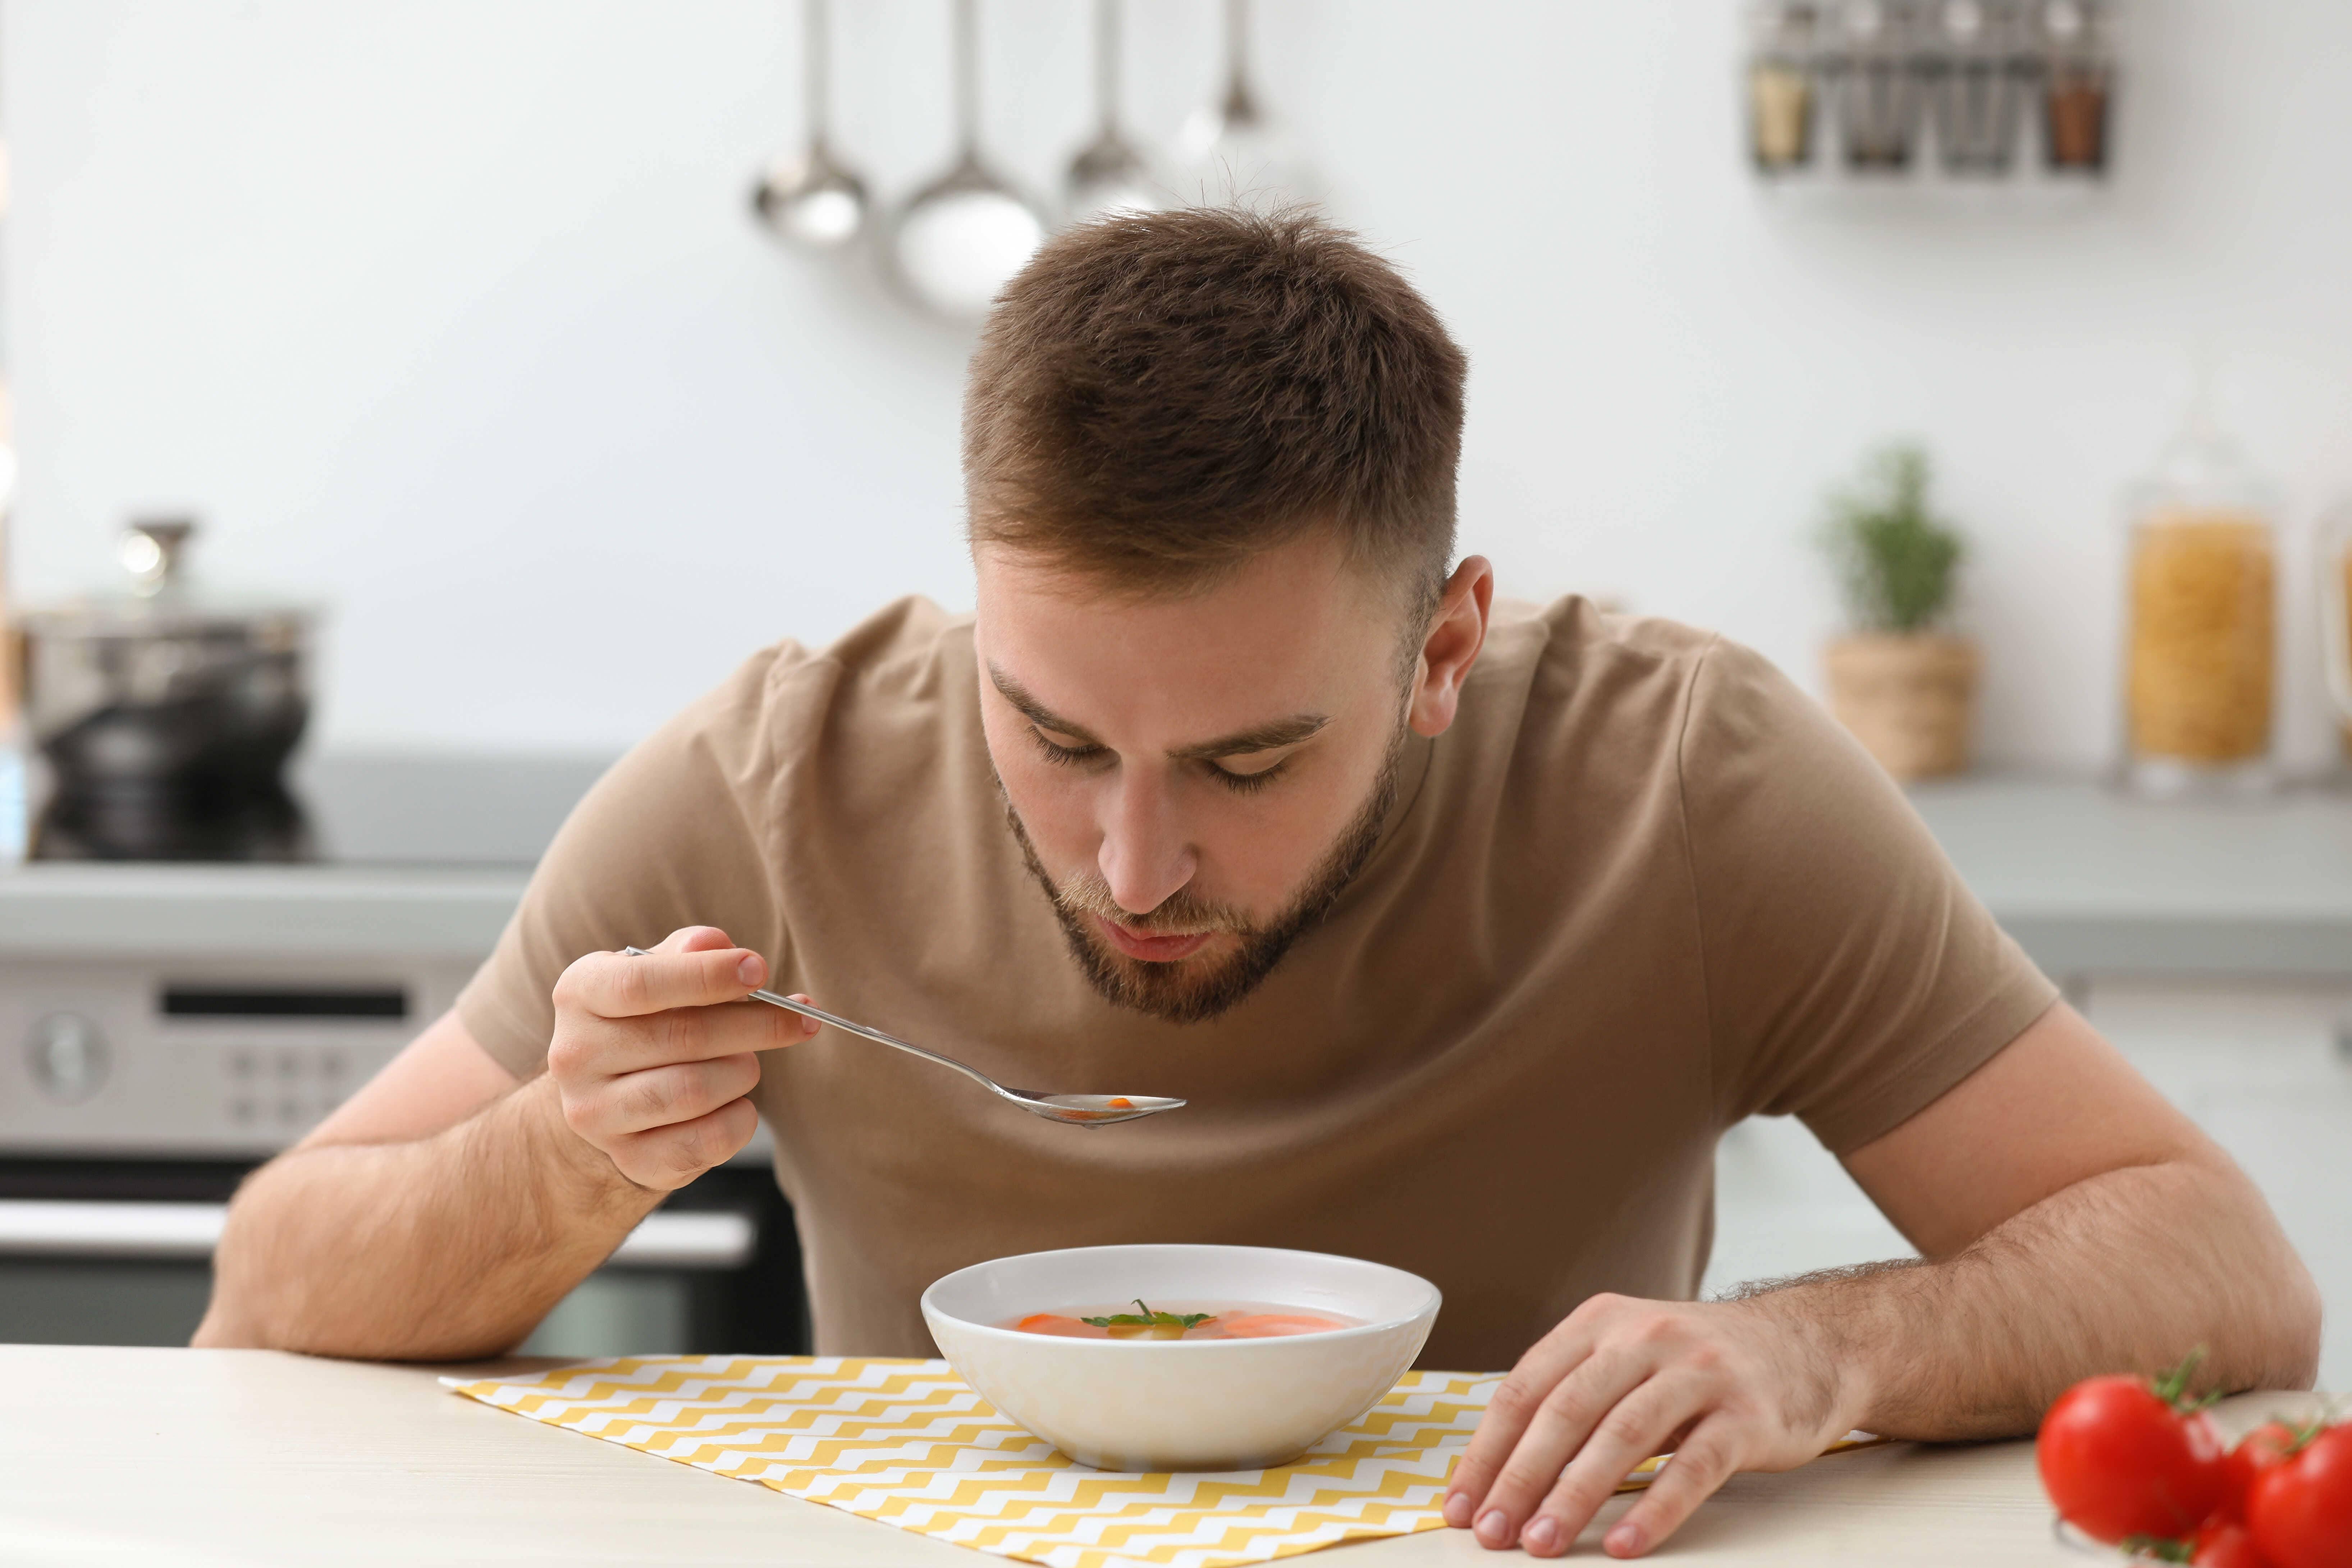 Sering meniup makanan dan minuman panas ganggu kesehatan?